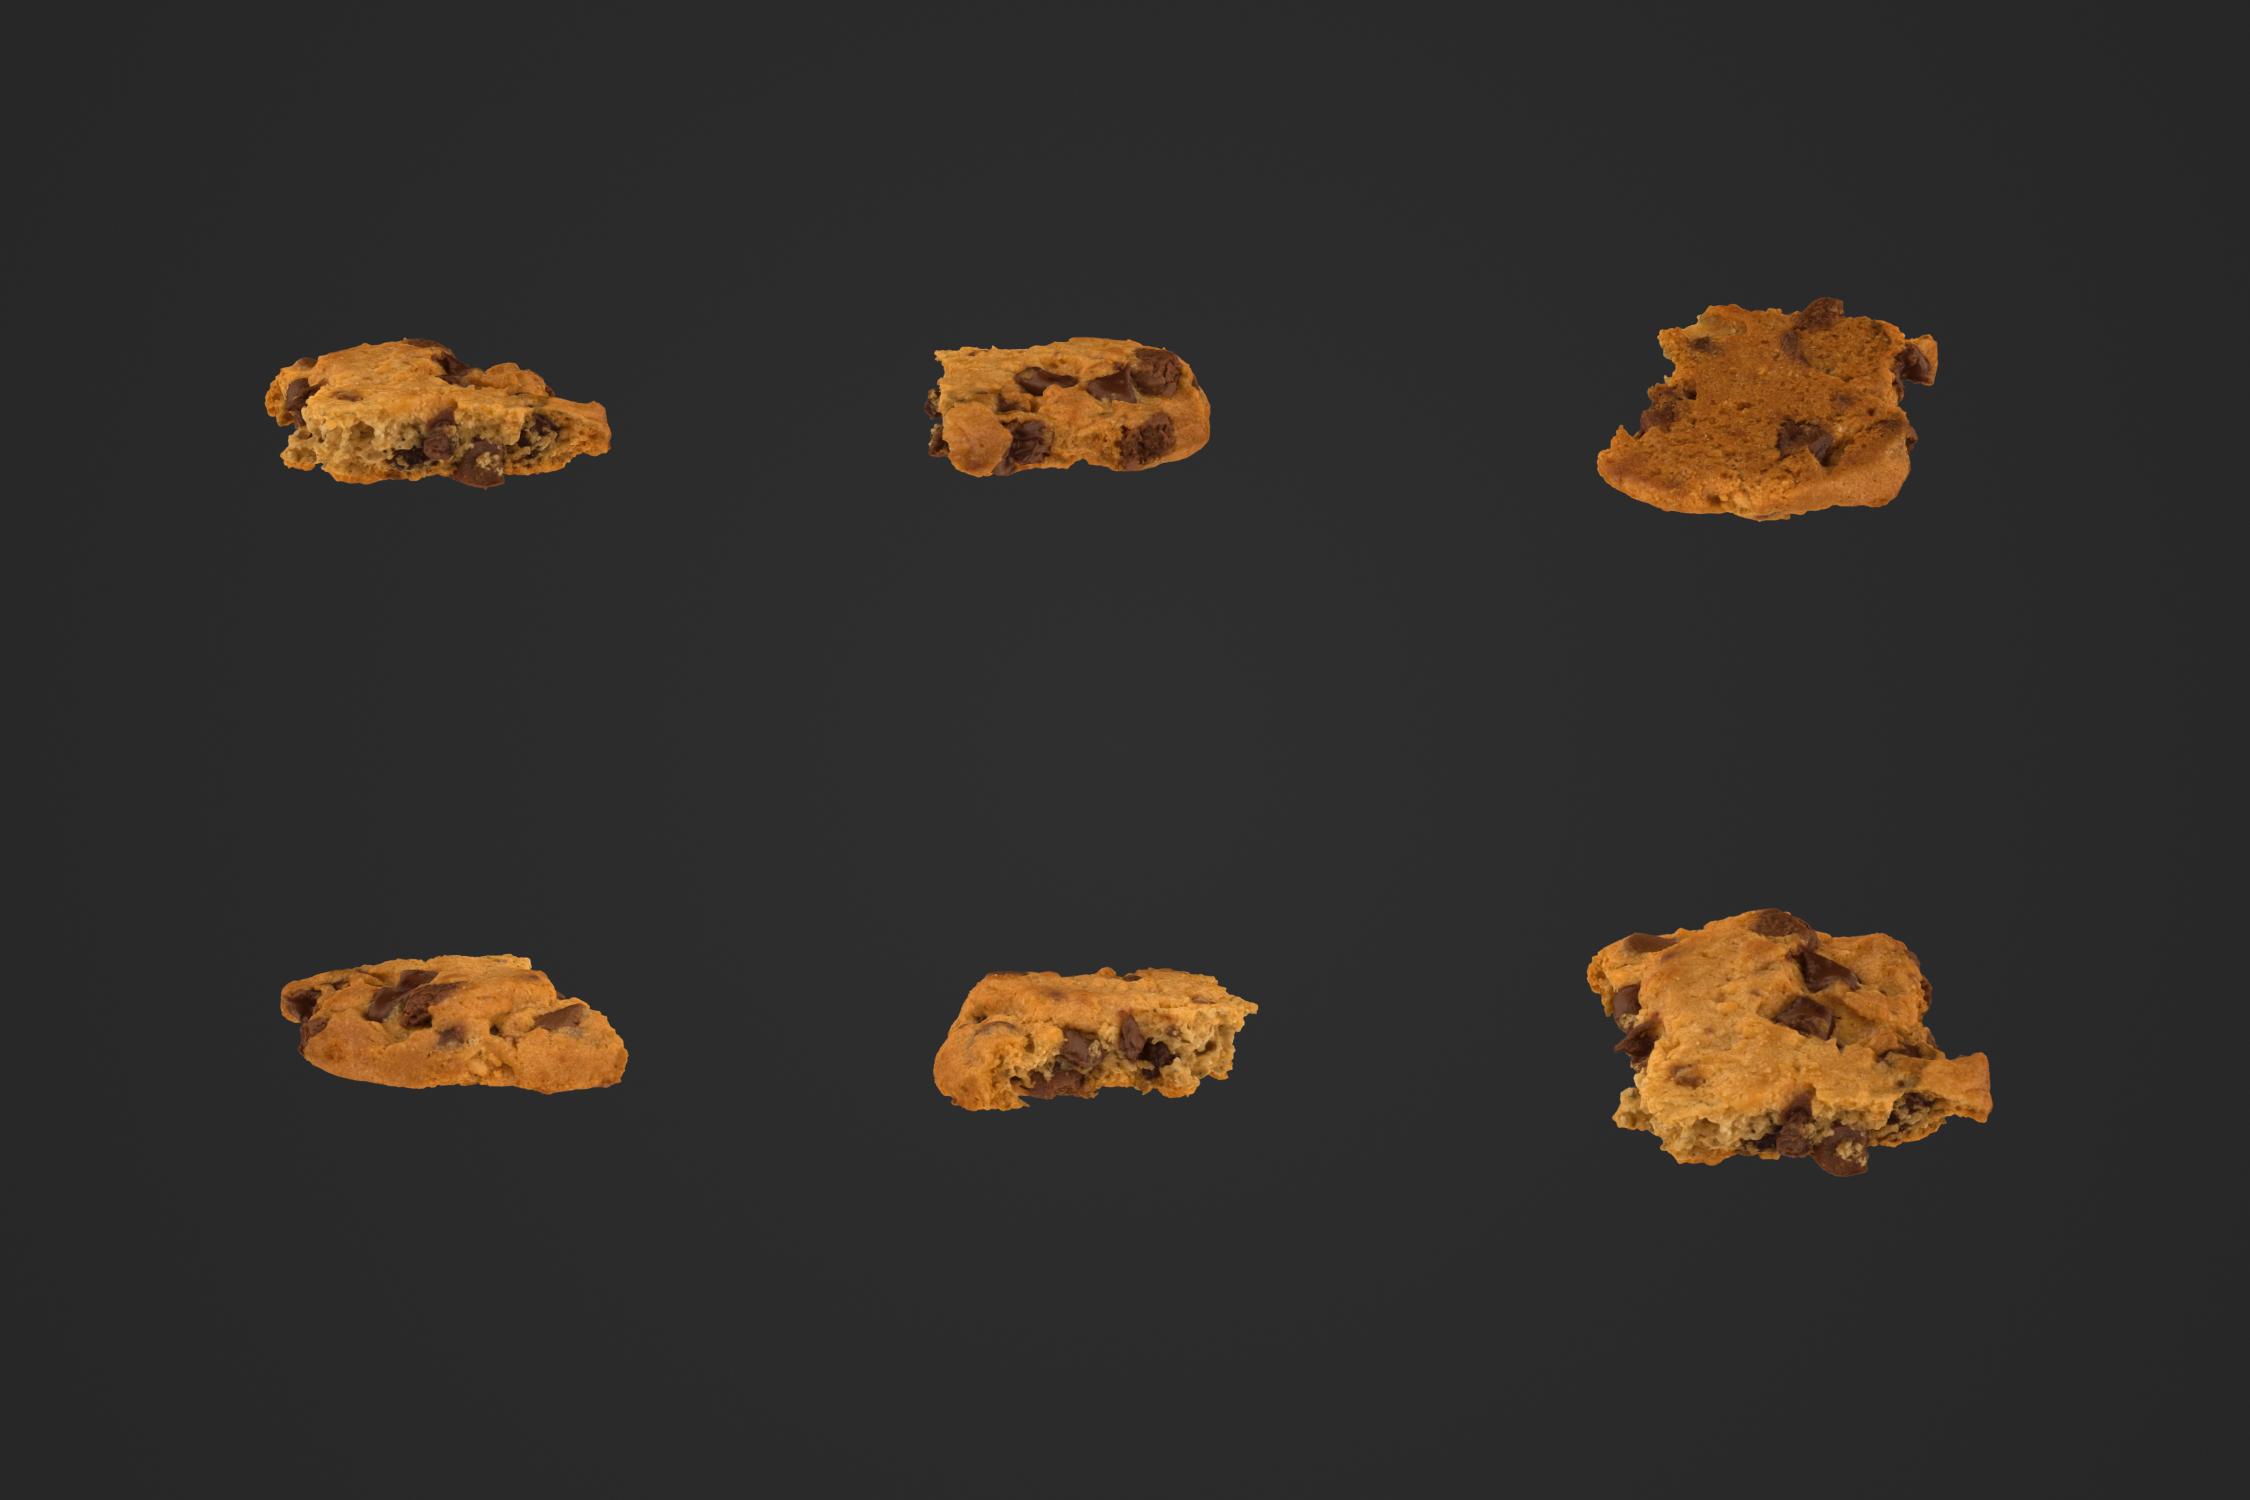 Cookie_1_Bite_2_Render_1.jpg